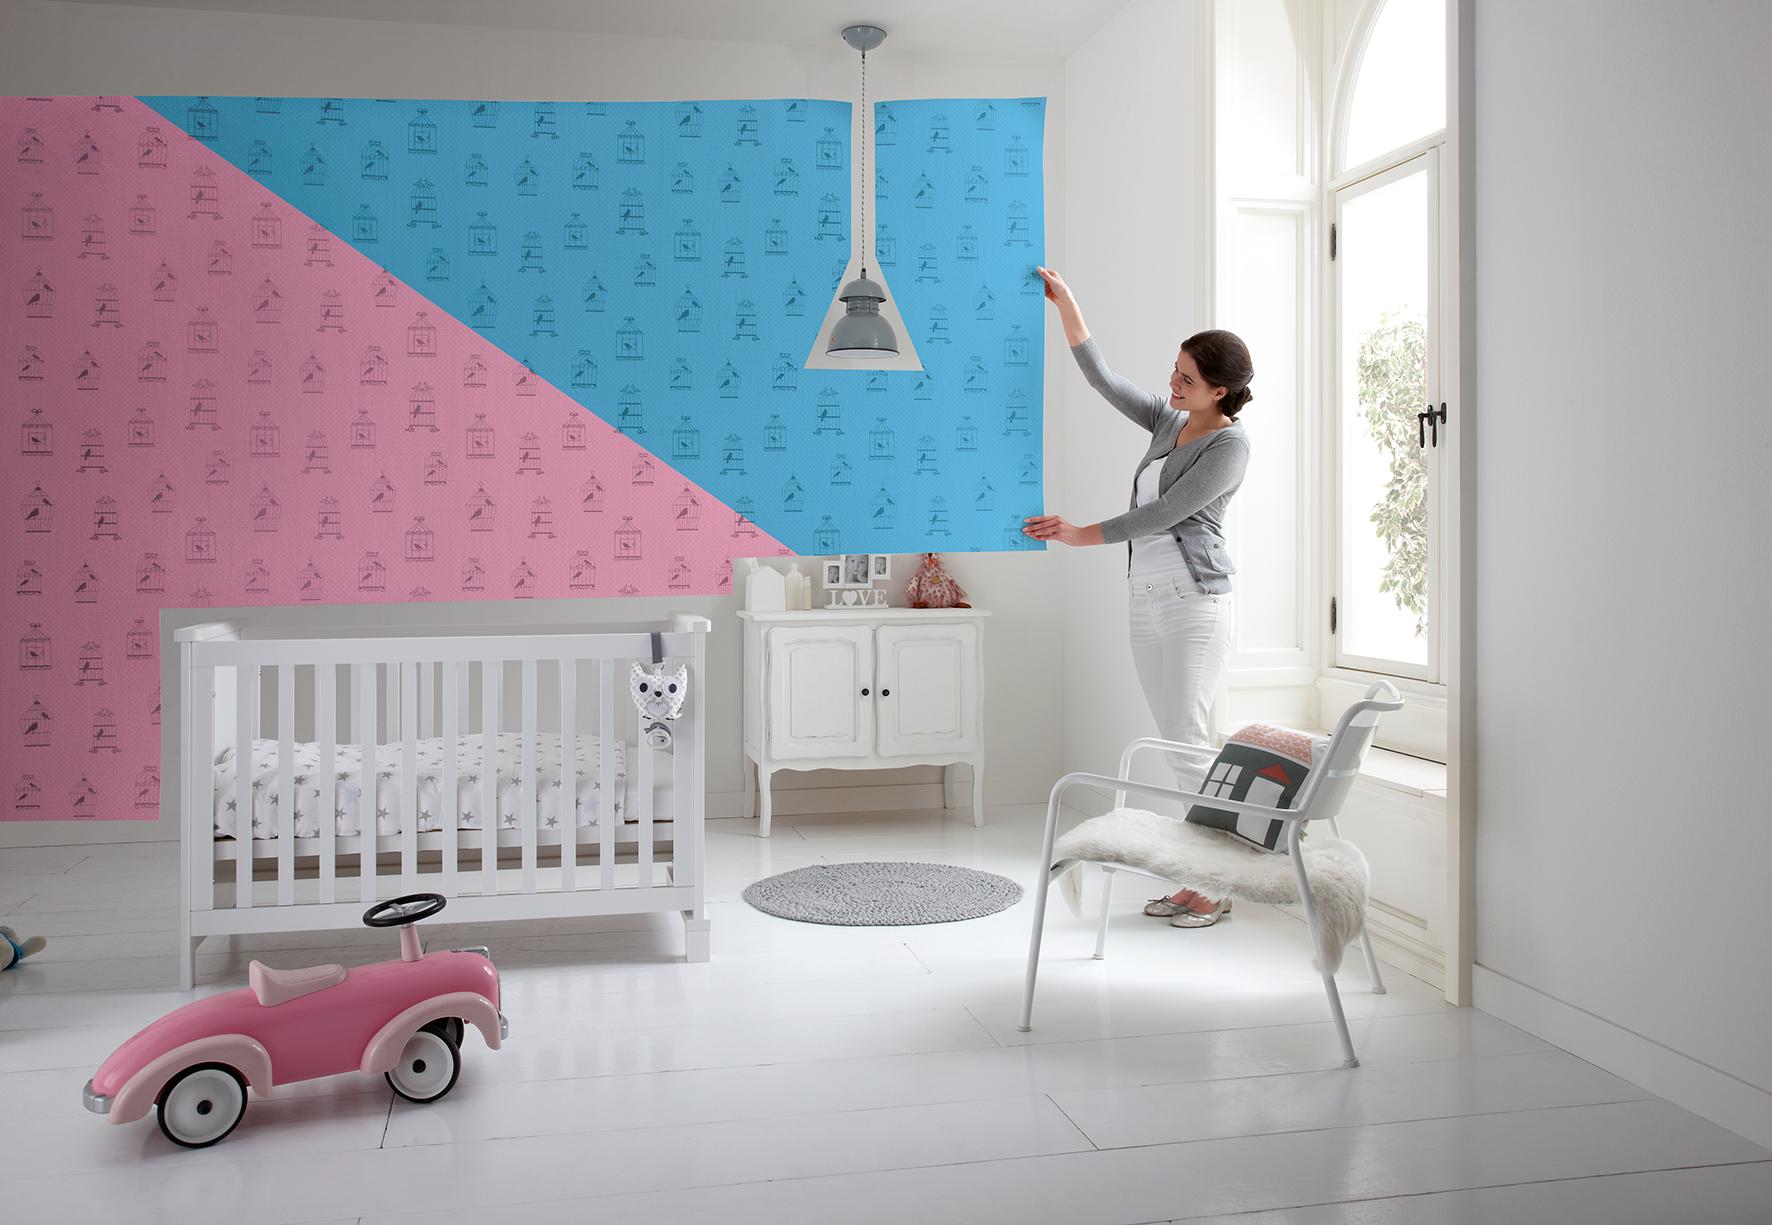 Ideeen Roze Kinderkamer : Ideeen roze kinderkamer referenties op huis ontwerp interieur